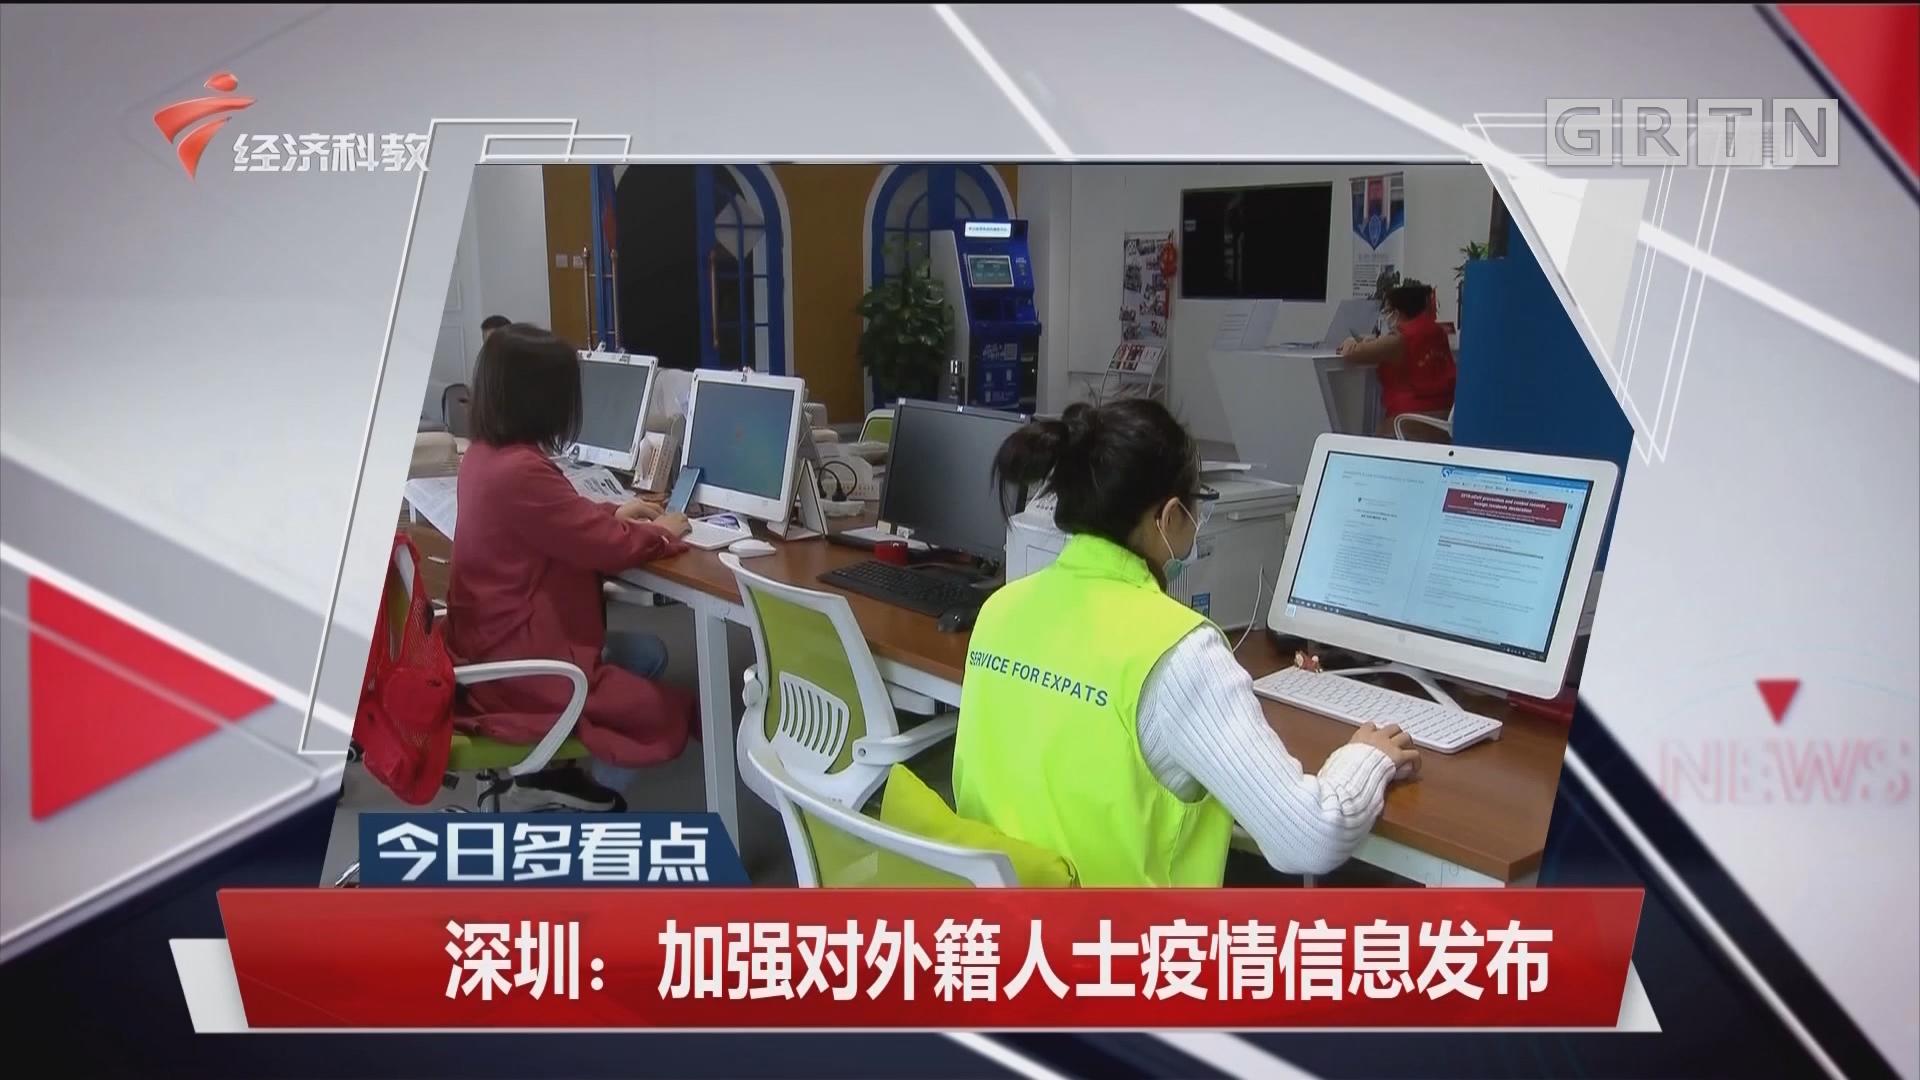 深圳:加强对外籍人士疫情信息发布